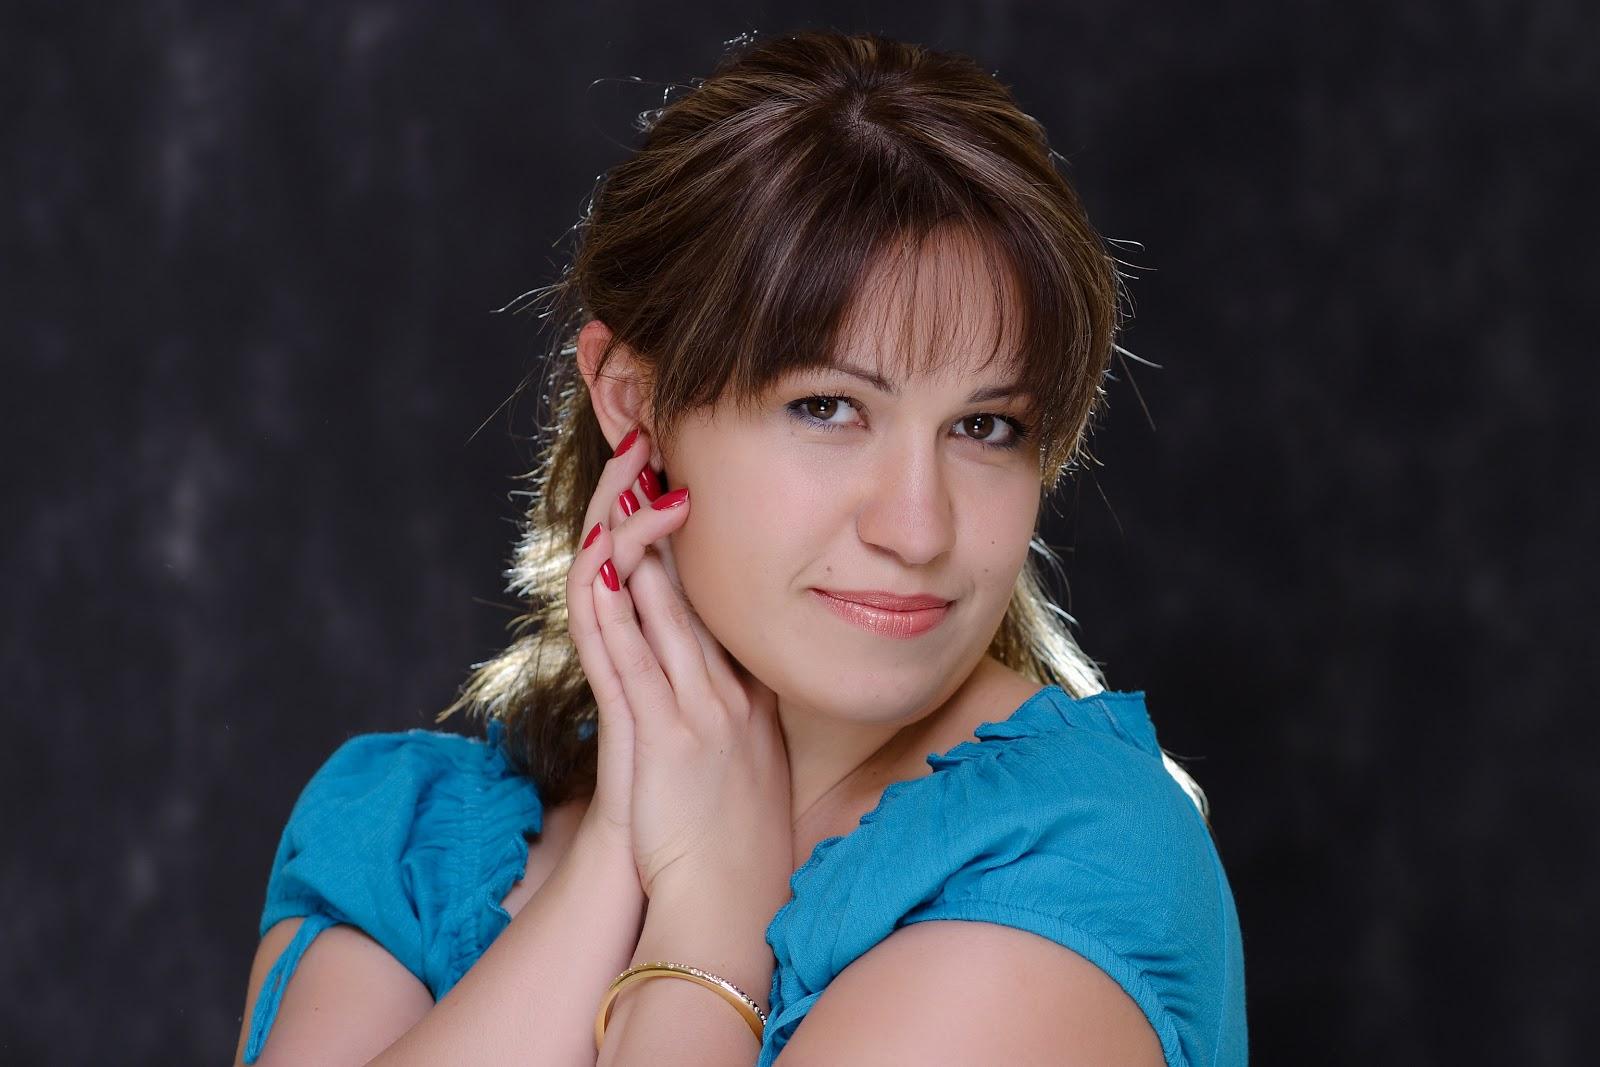 Фото ирины мирошниченко в купальнике 23 фотография